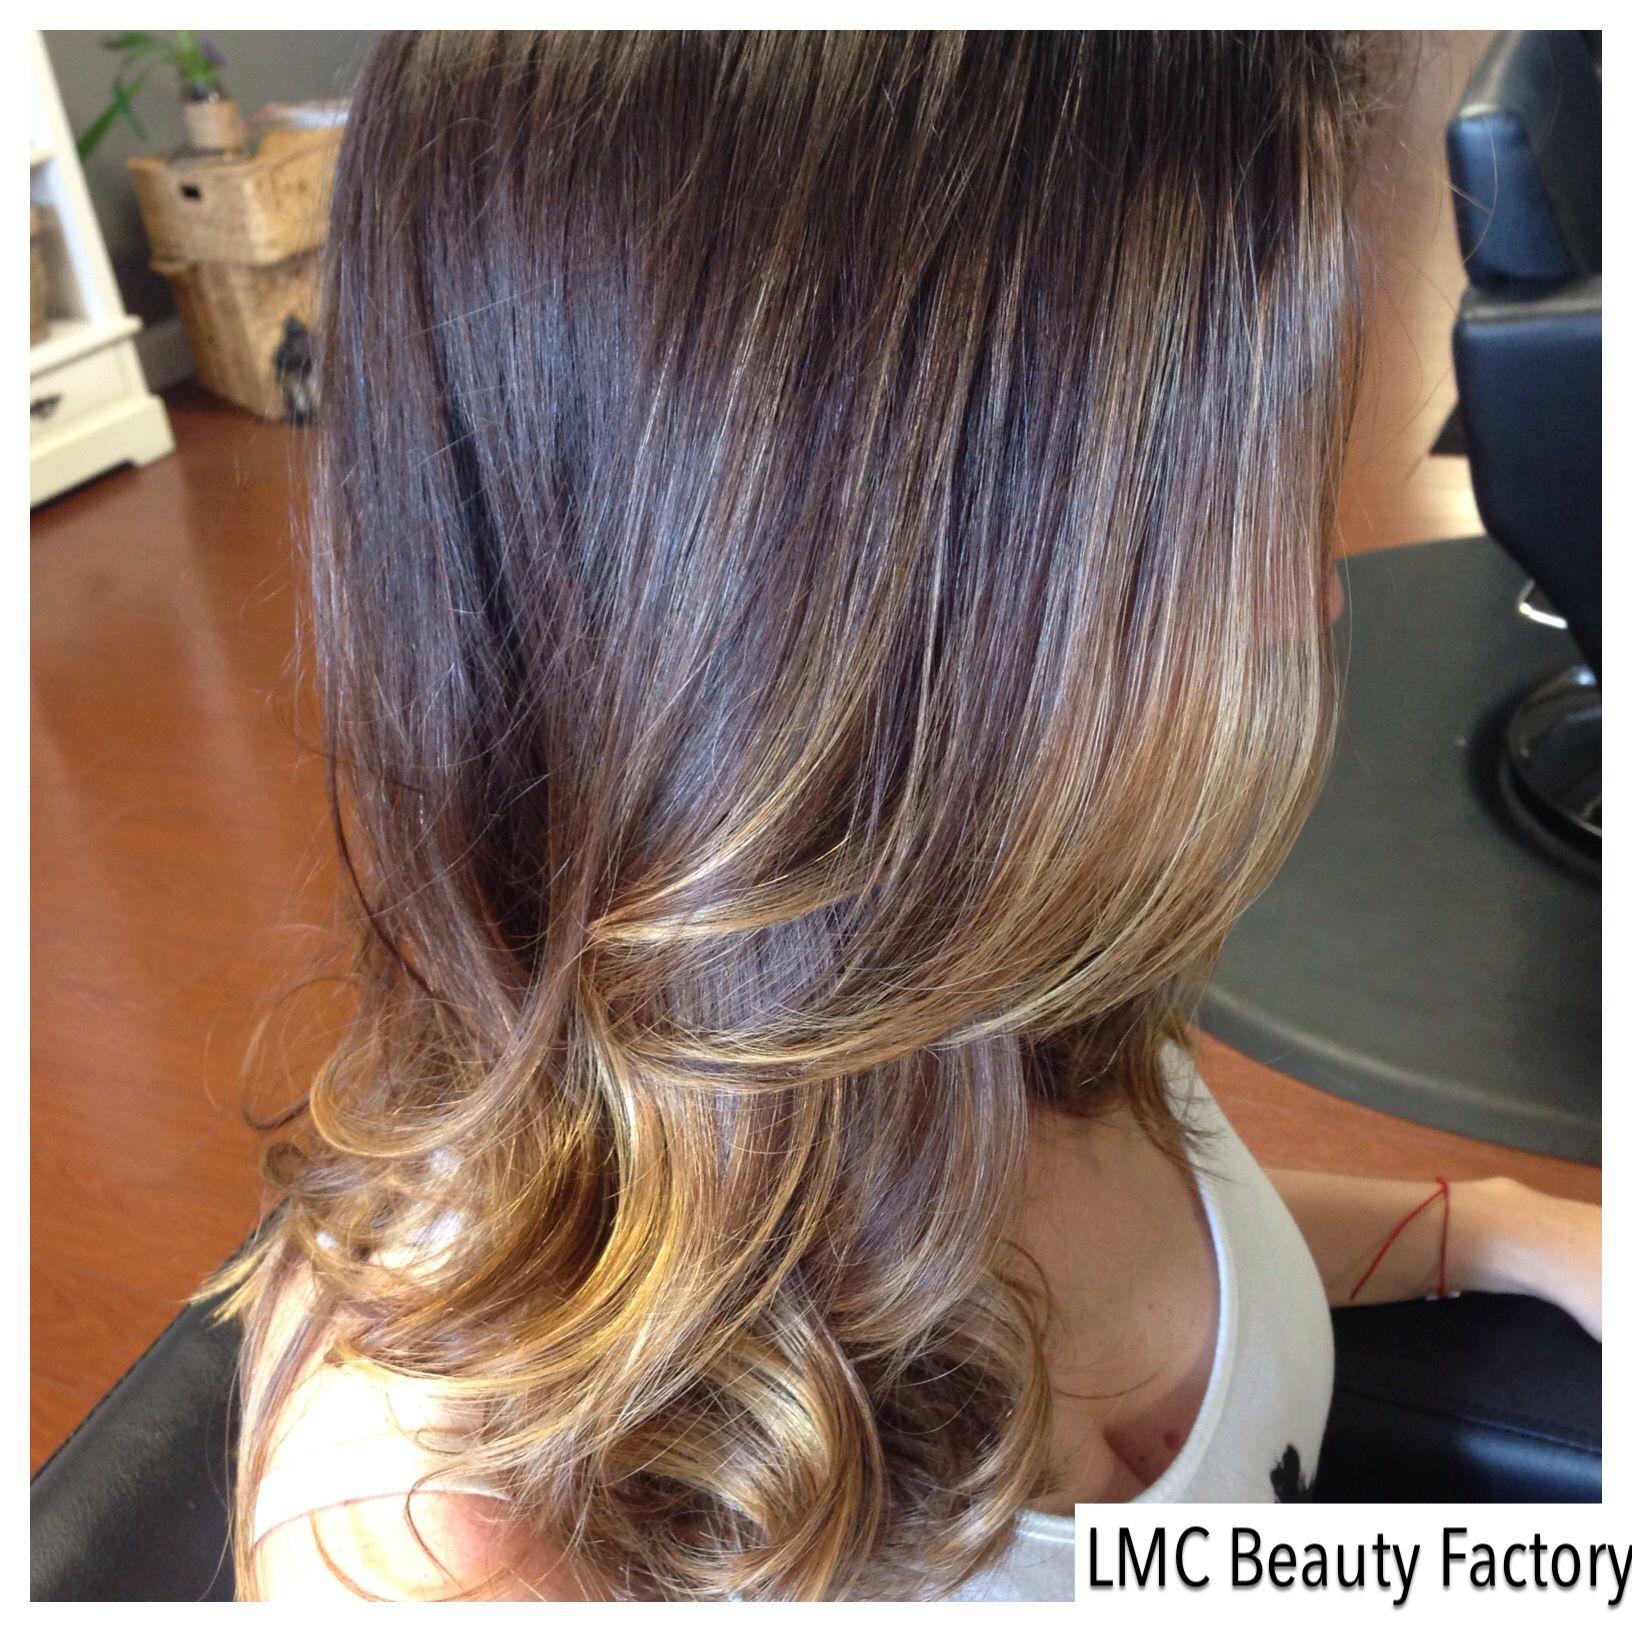 Ombré hair | LMC Beauty Factory | Leslie Marie Carreno